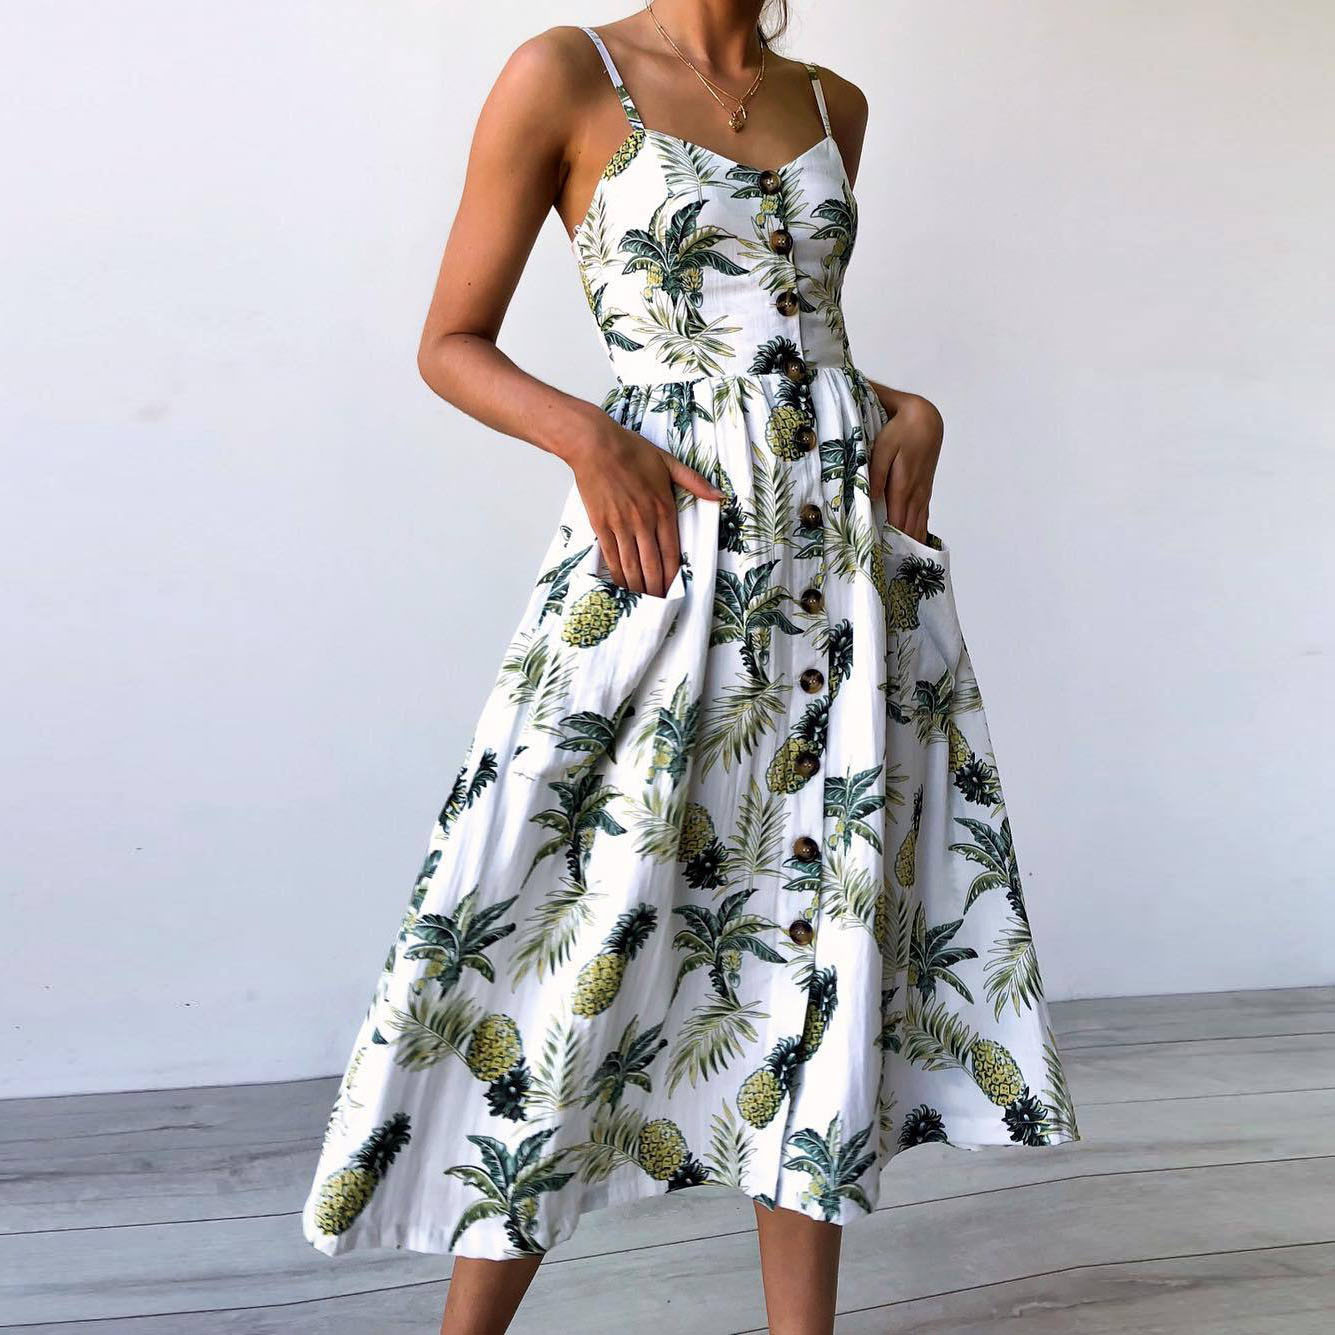 Robe d'été Femmes V Cou Poches Sans Manches Midi Robes Femme Tournesol Plissé Dos Nu Bouton Sexy Robe designer vêtements